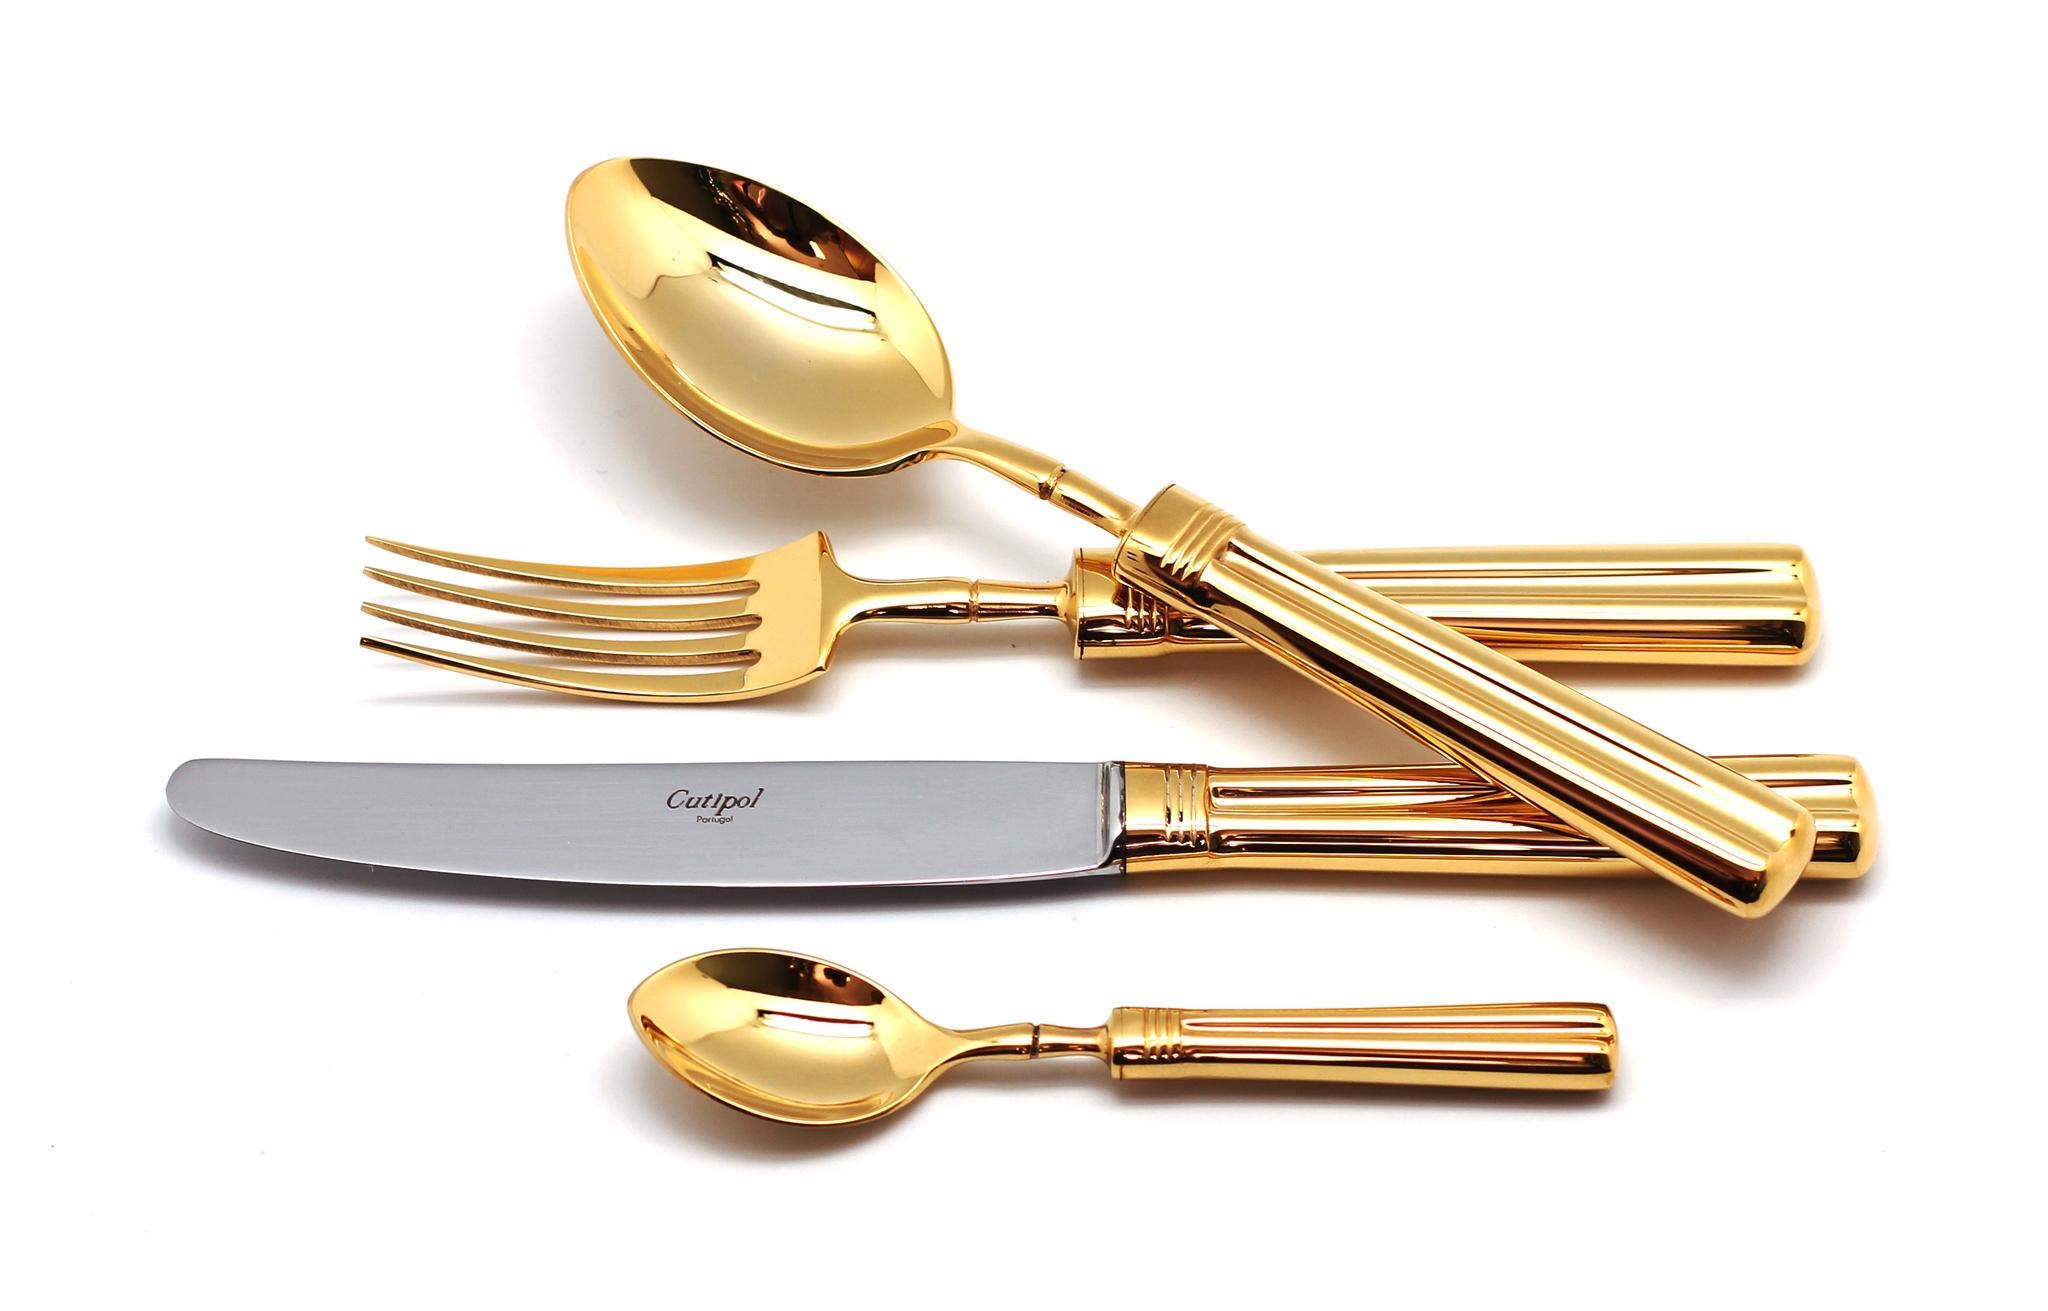 Набор 72 пр FONTAINEBLEAU GOLD, артикул 9161-72, производитель - Cutipol